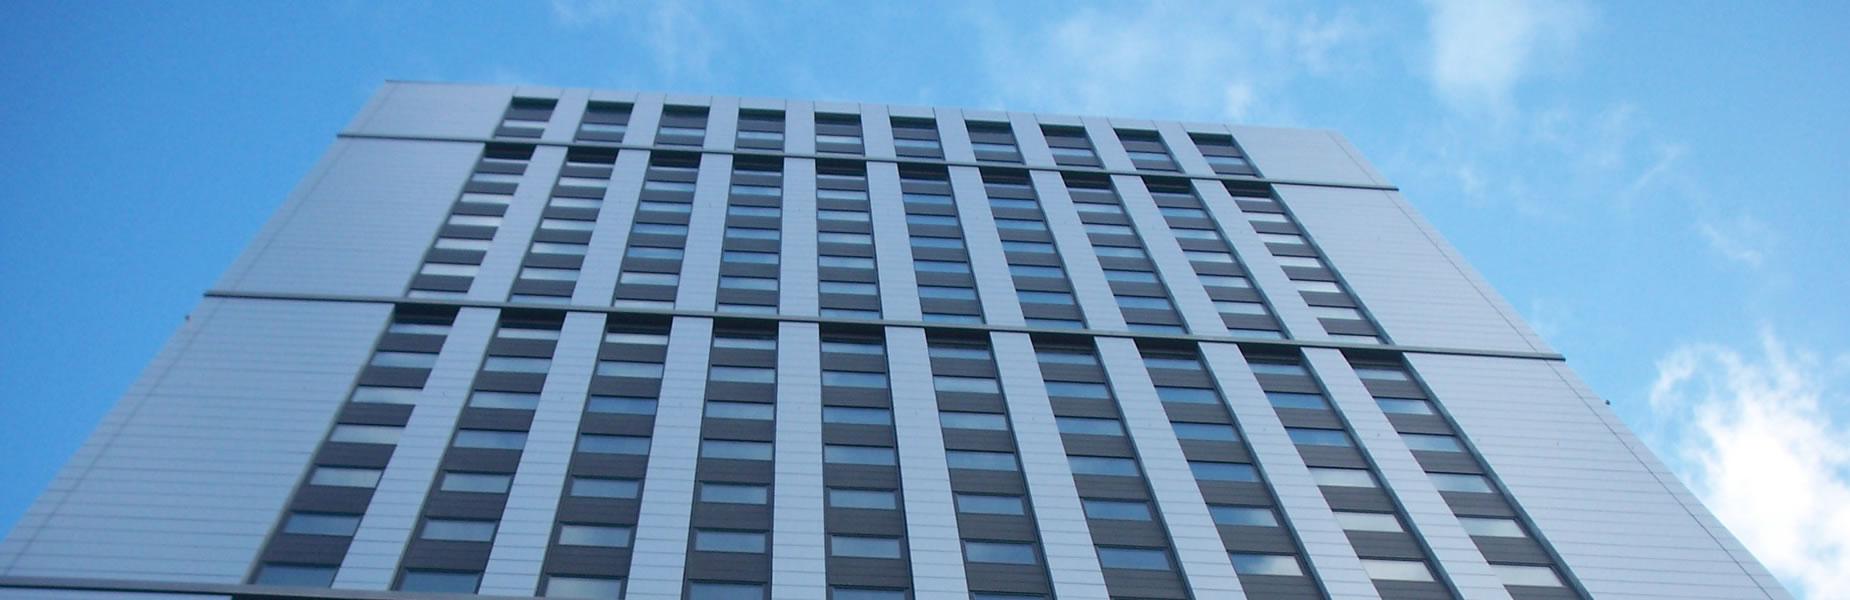 slide-2-background-large-building-blue-sky